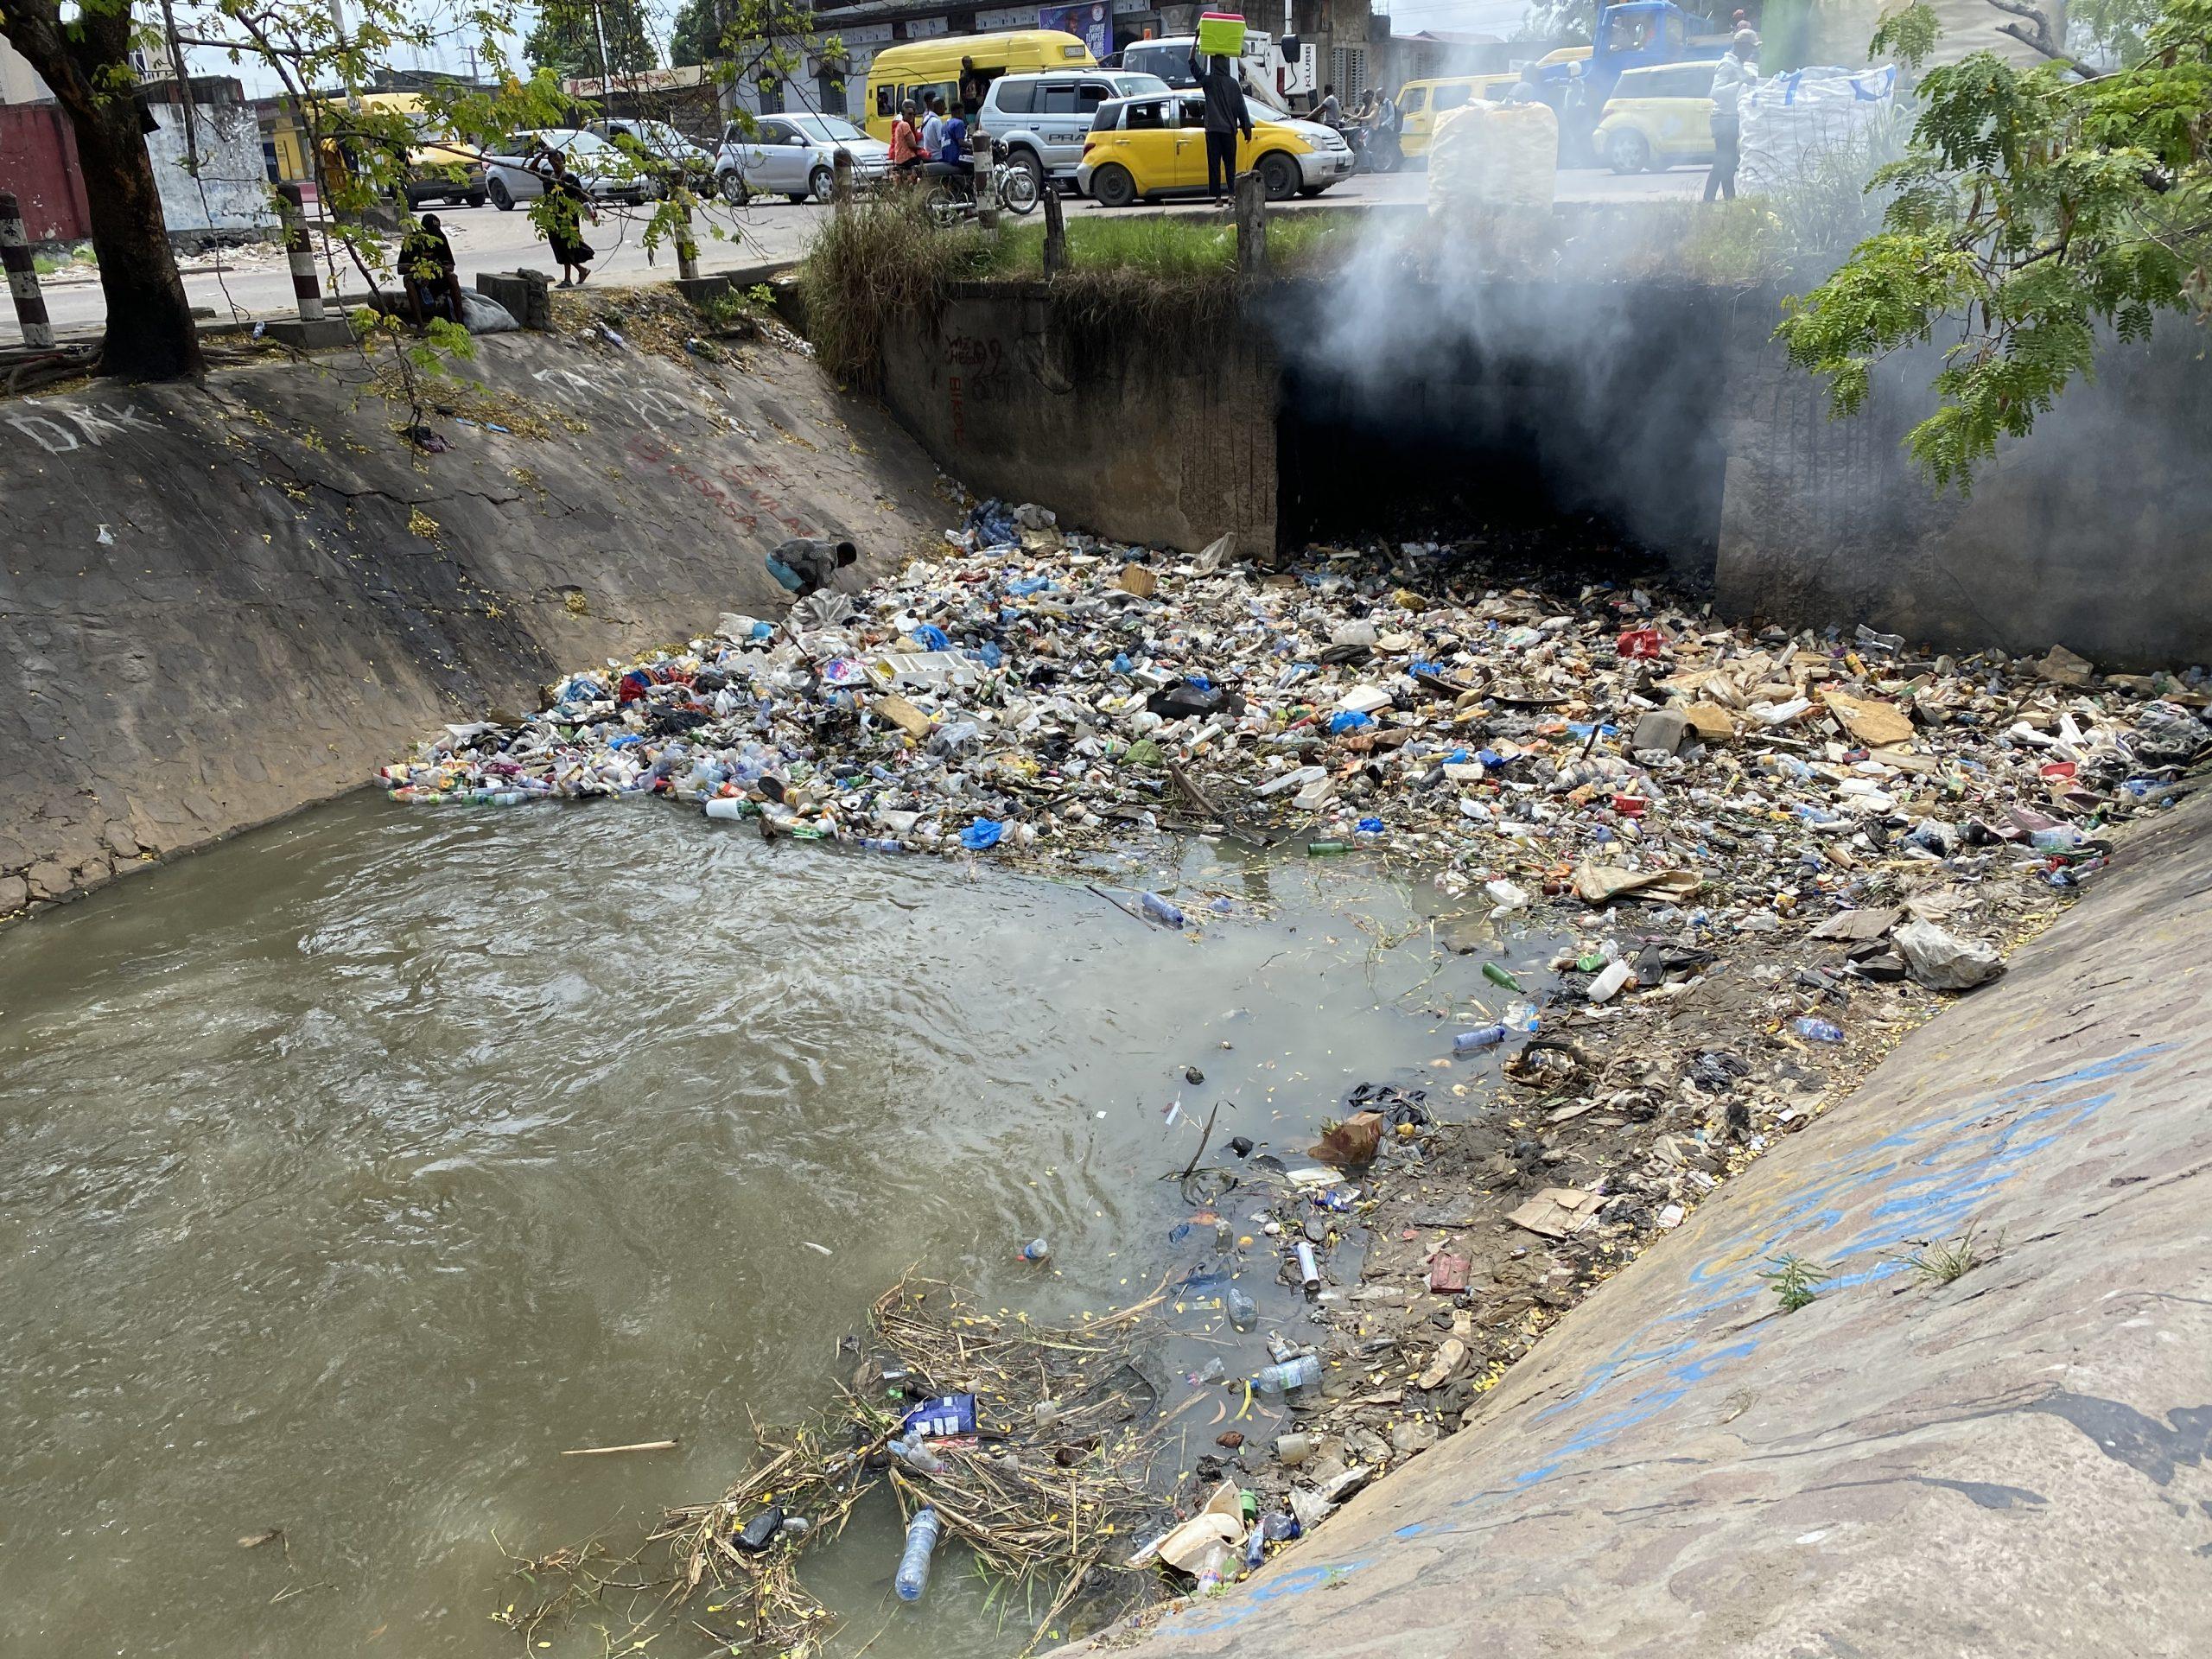 burning plastics at a canal in Kinshasa